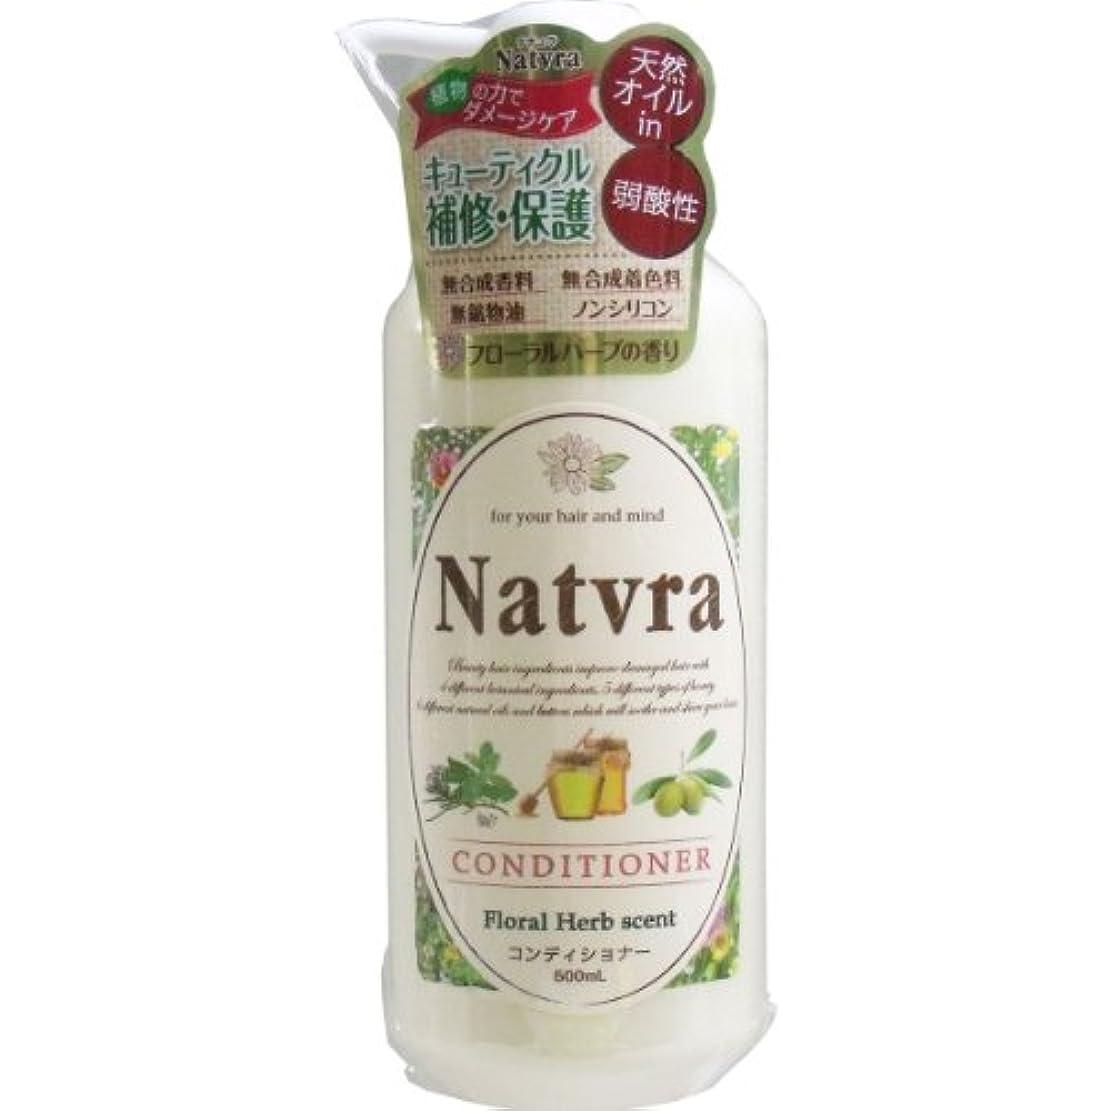 意気消沈したエンジニア芸術Natvra(ナチュラ) コンディショナー フローラルハーブの香り 500mL【2個セット】